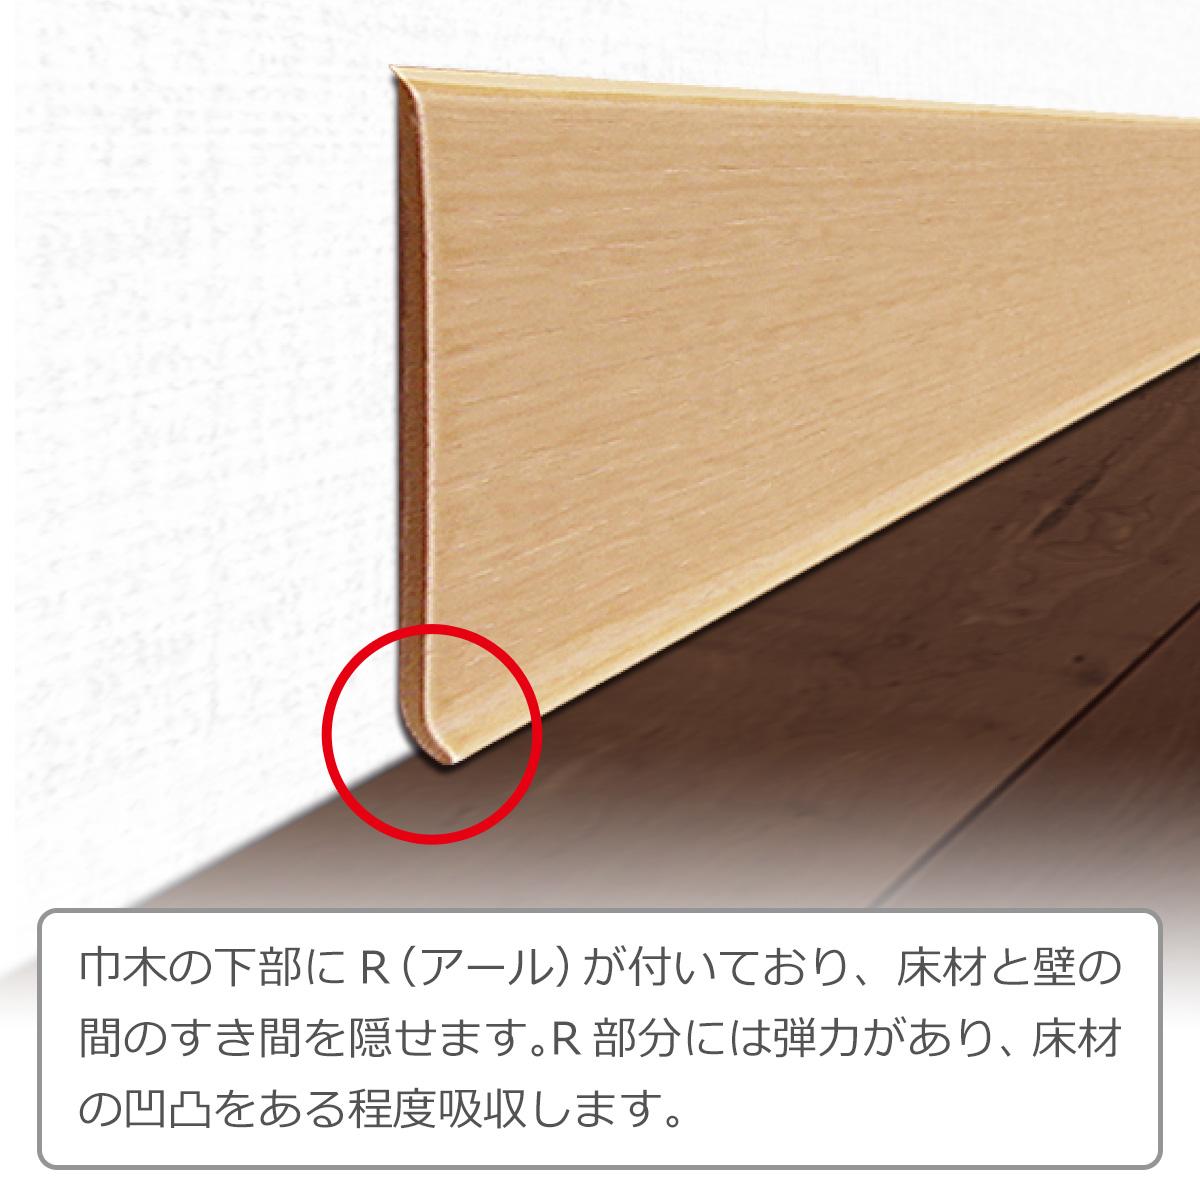 巾木の下部にR(アール)が付いており、床材と壁の間のすき間を隠せます。R部分には弾力があり、床材の凹凸をある程度吸収します。